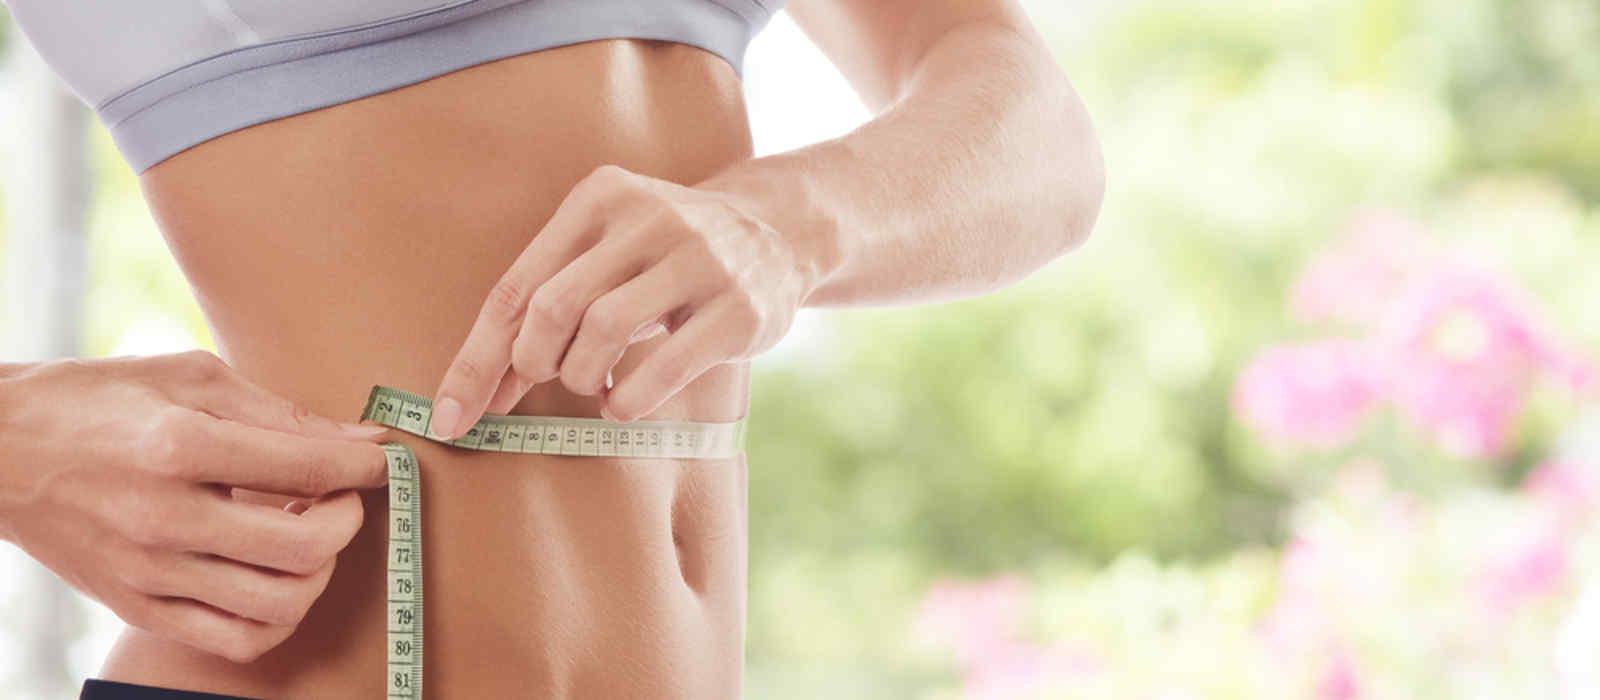 Mythen über Diäten zur freien Gewichtsabnahme